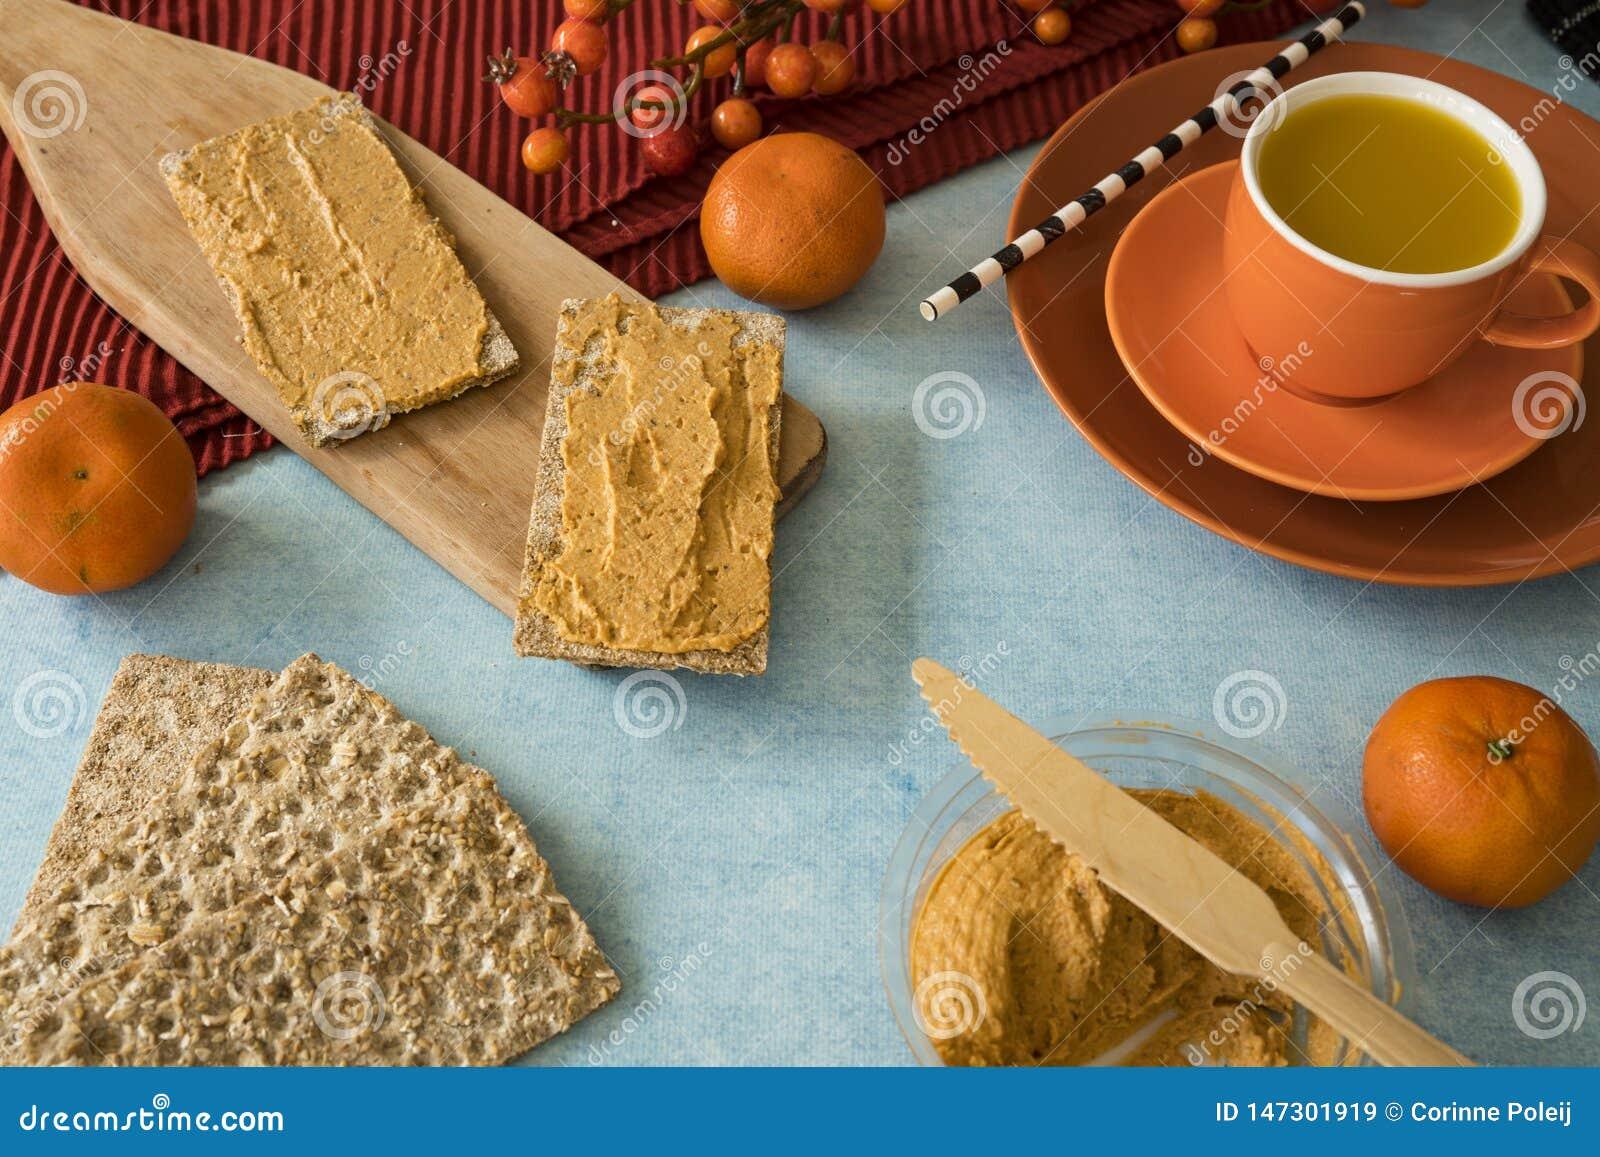 Frühstück mit hummus auf Toast, mit Mandarinen und Orangensaft